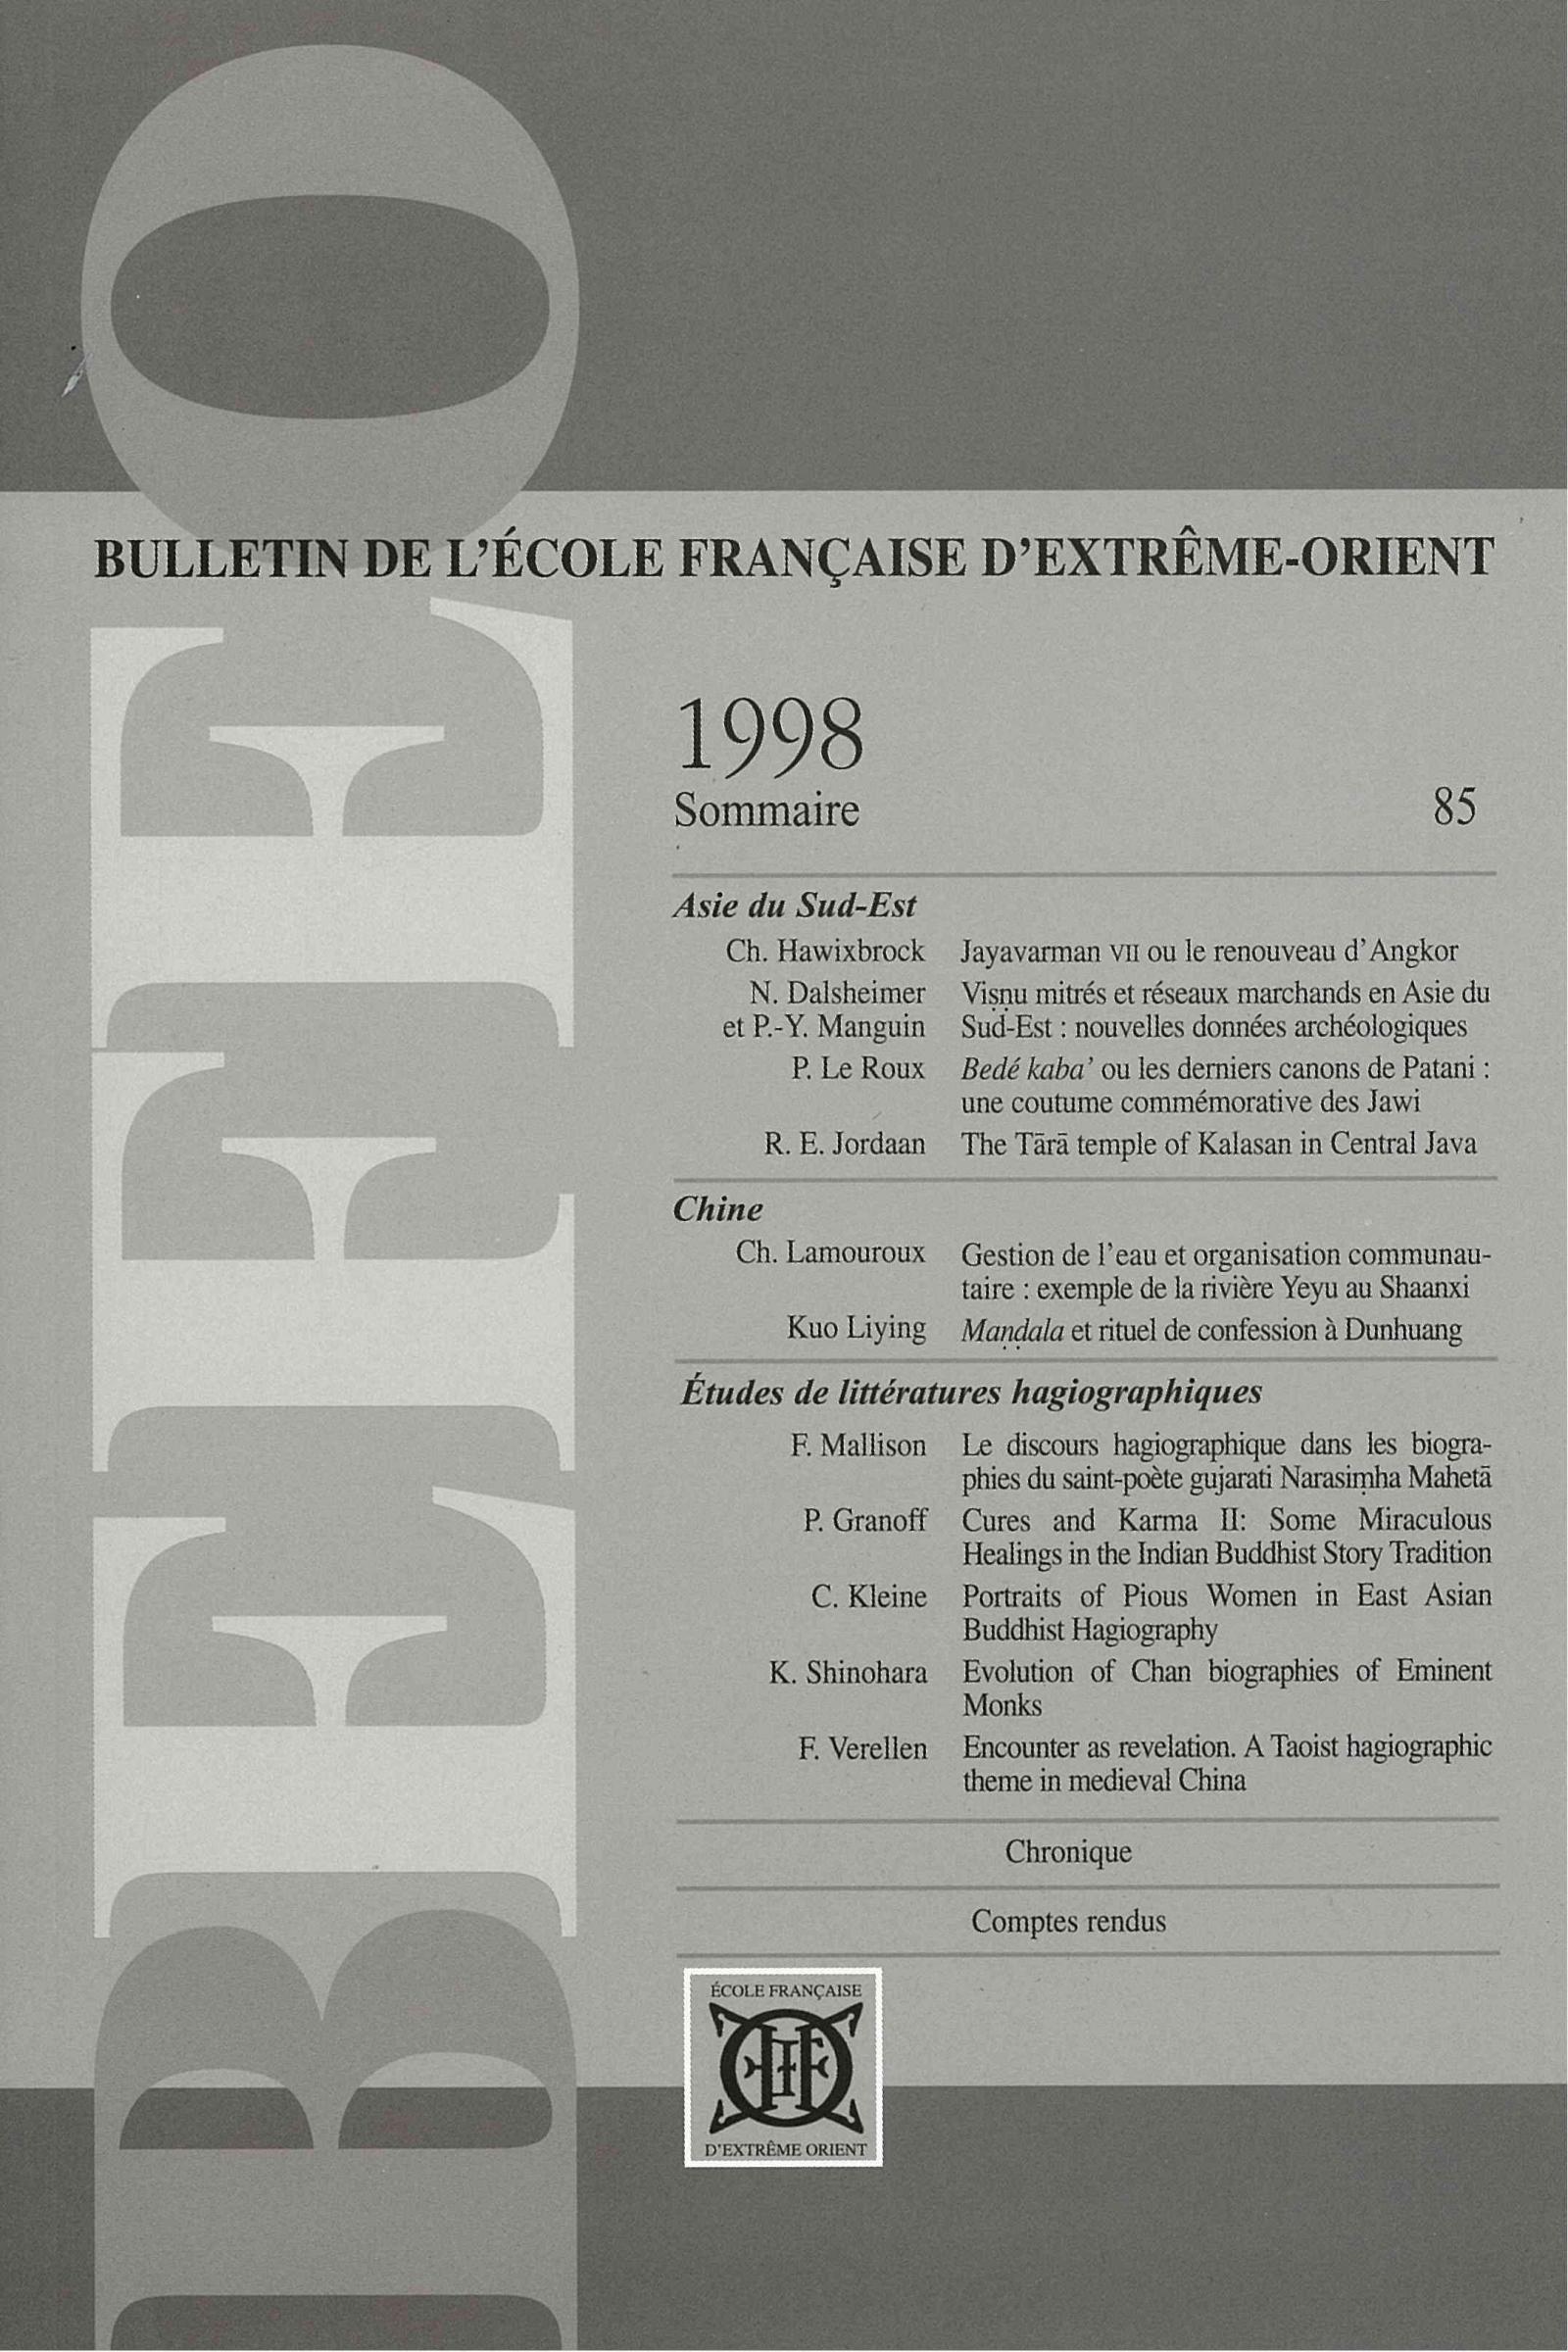 Bulletin de l'Ecole française d'Extrême-Orient 85 (1998)